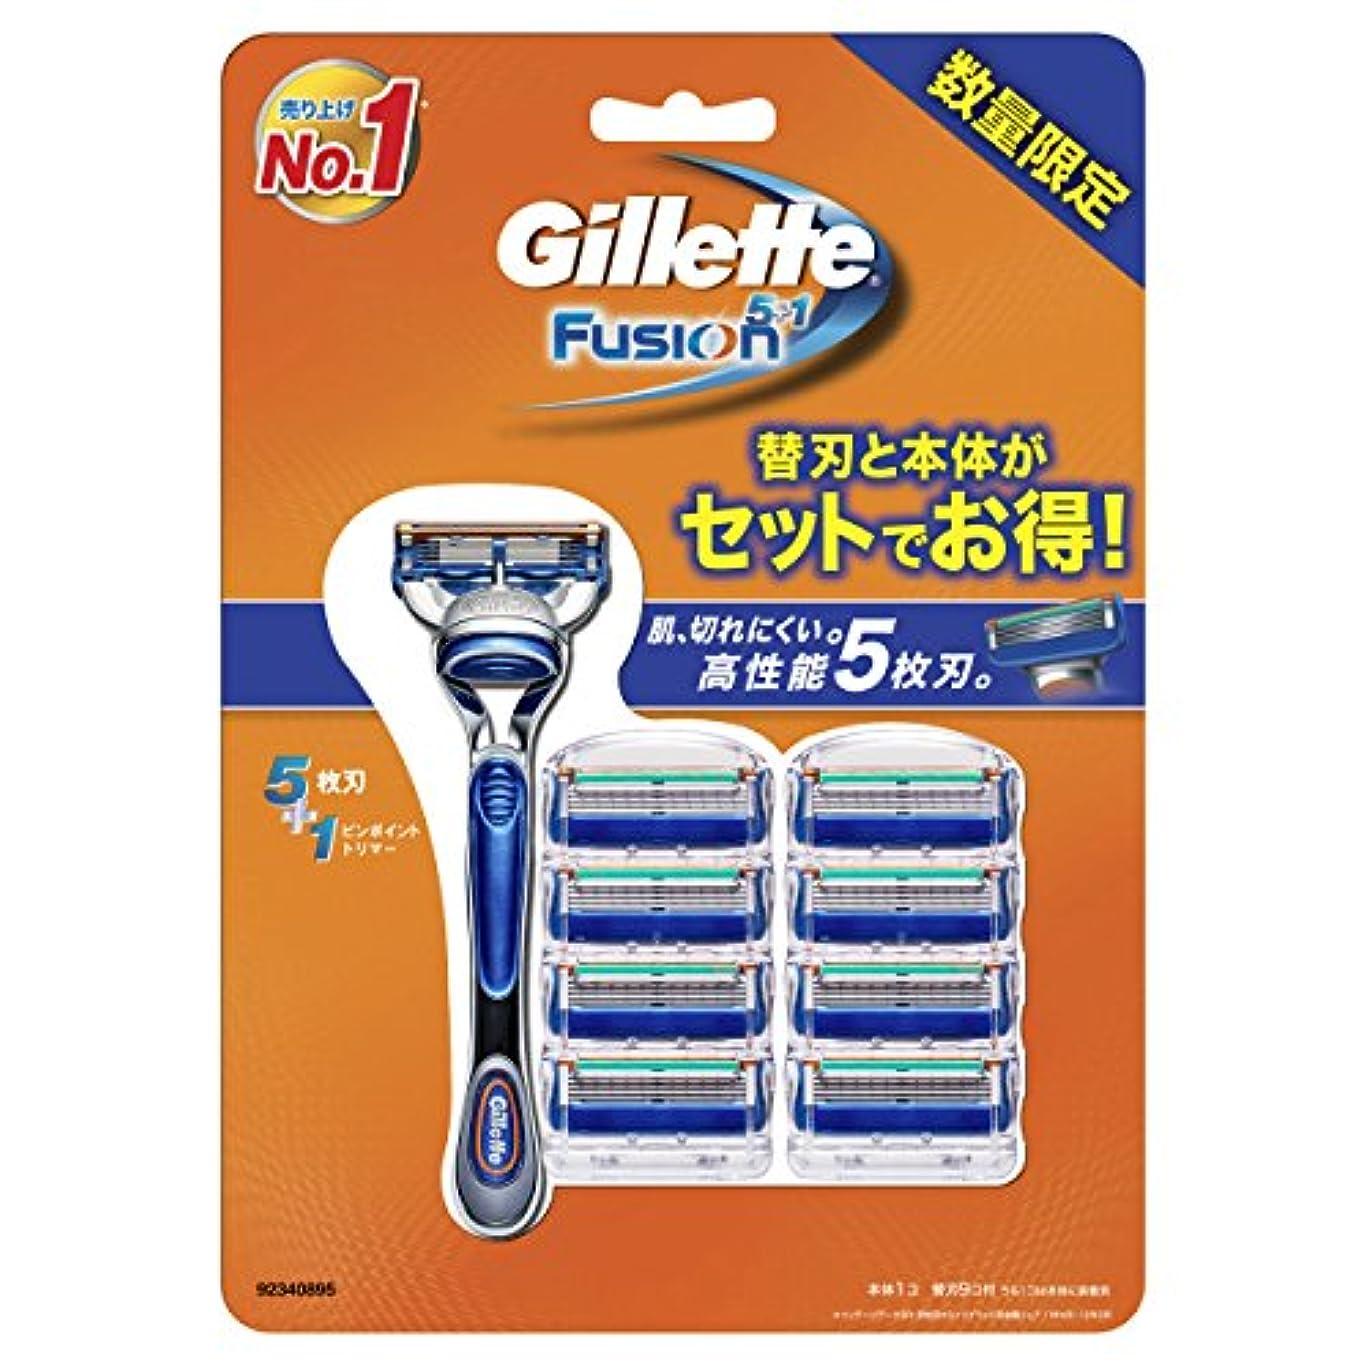 結果変な欠点ジレット フュージョン5+1 マニュアル 髭剃り 単品 本体+替刃9個付